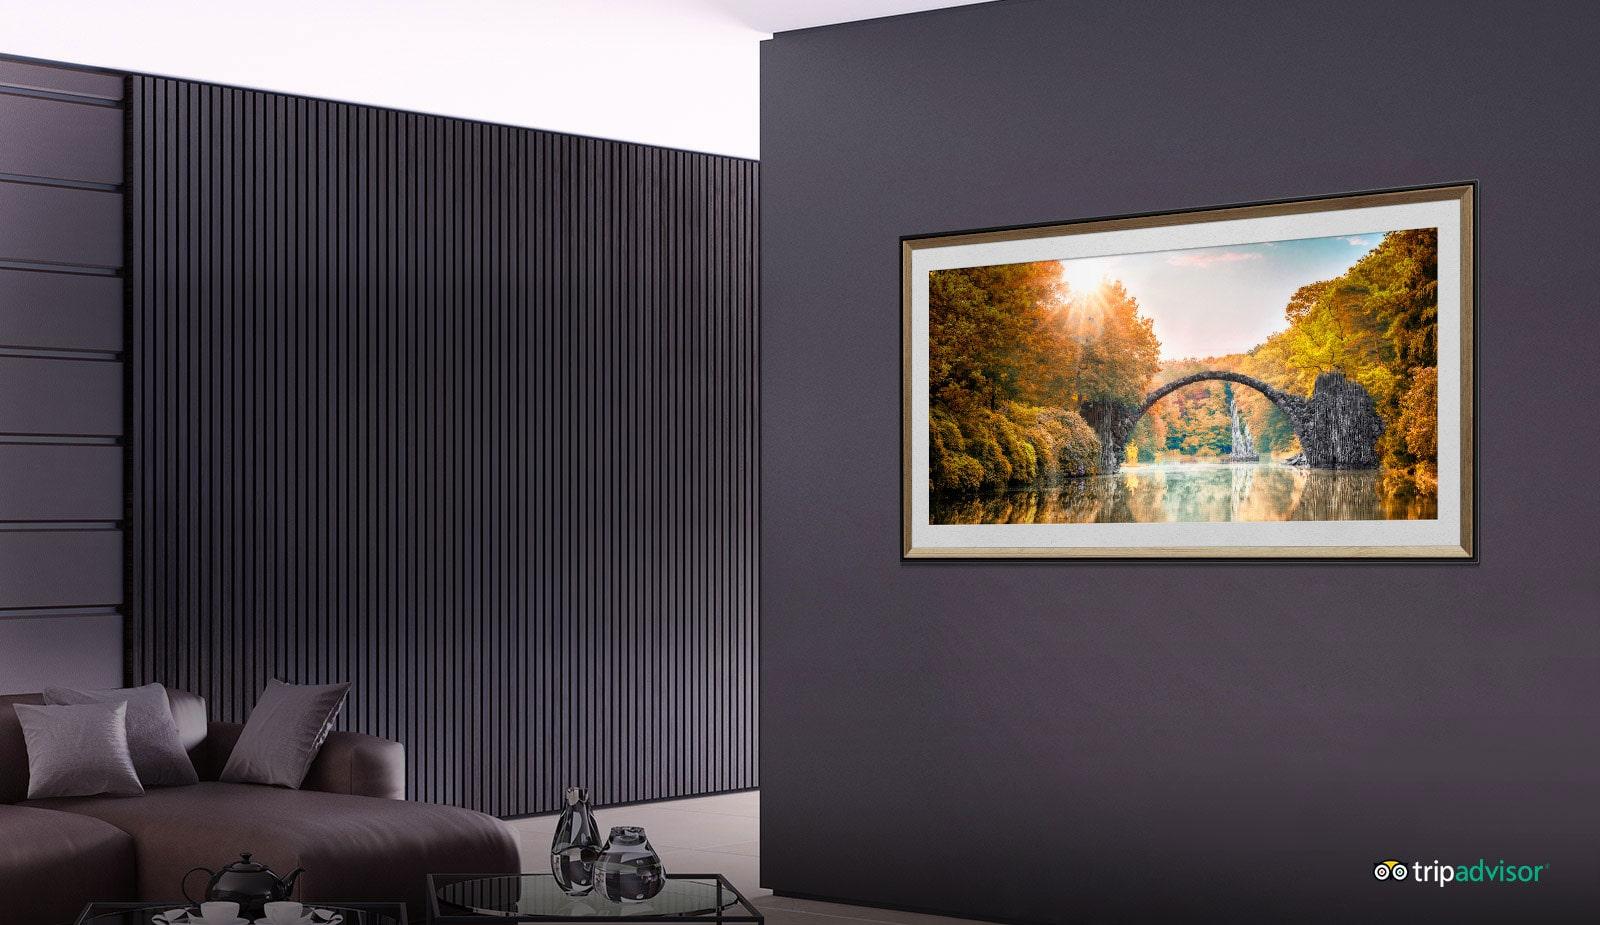 TV-OLED-E9-08-Gallery-Mode-Desktop-v1